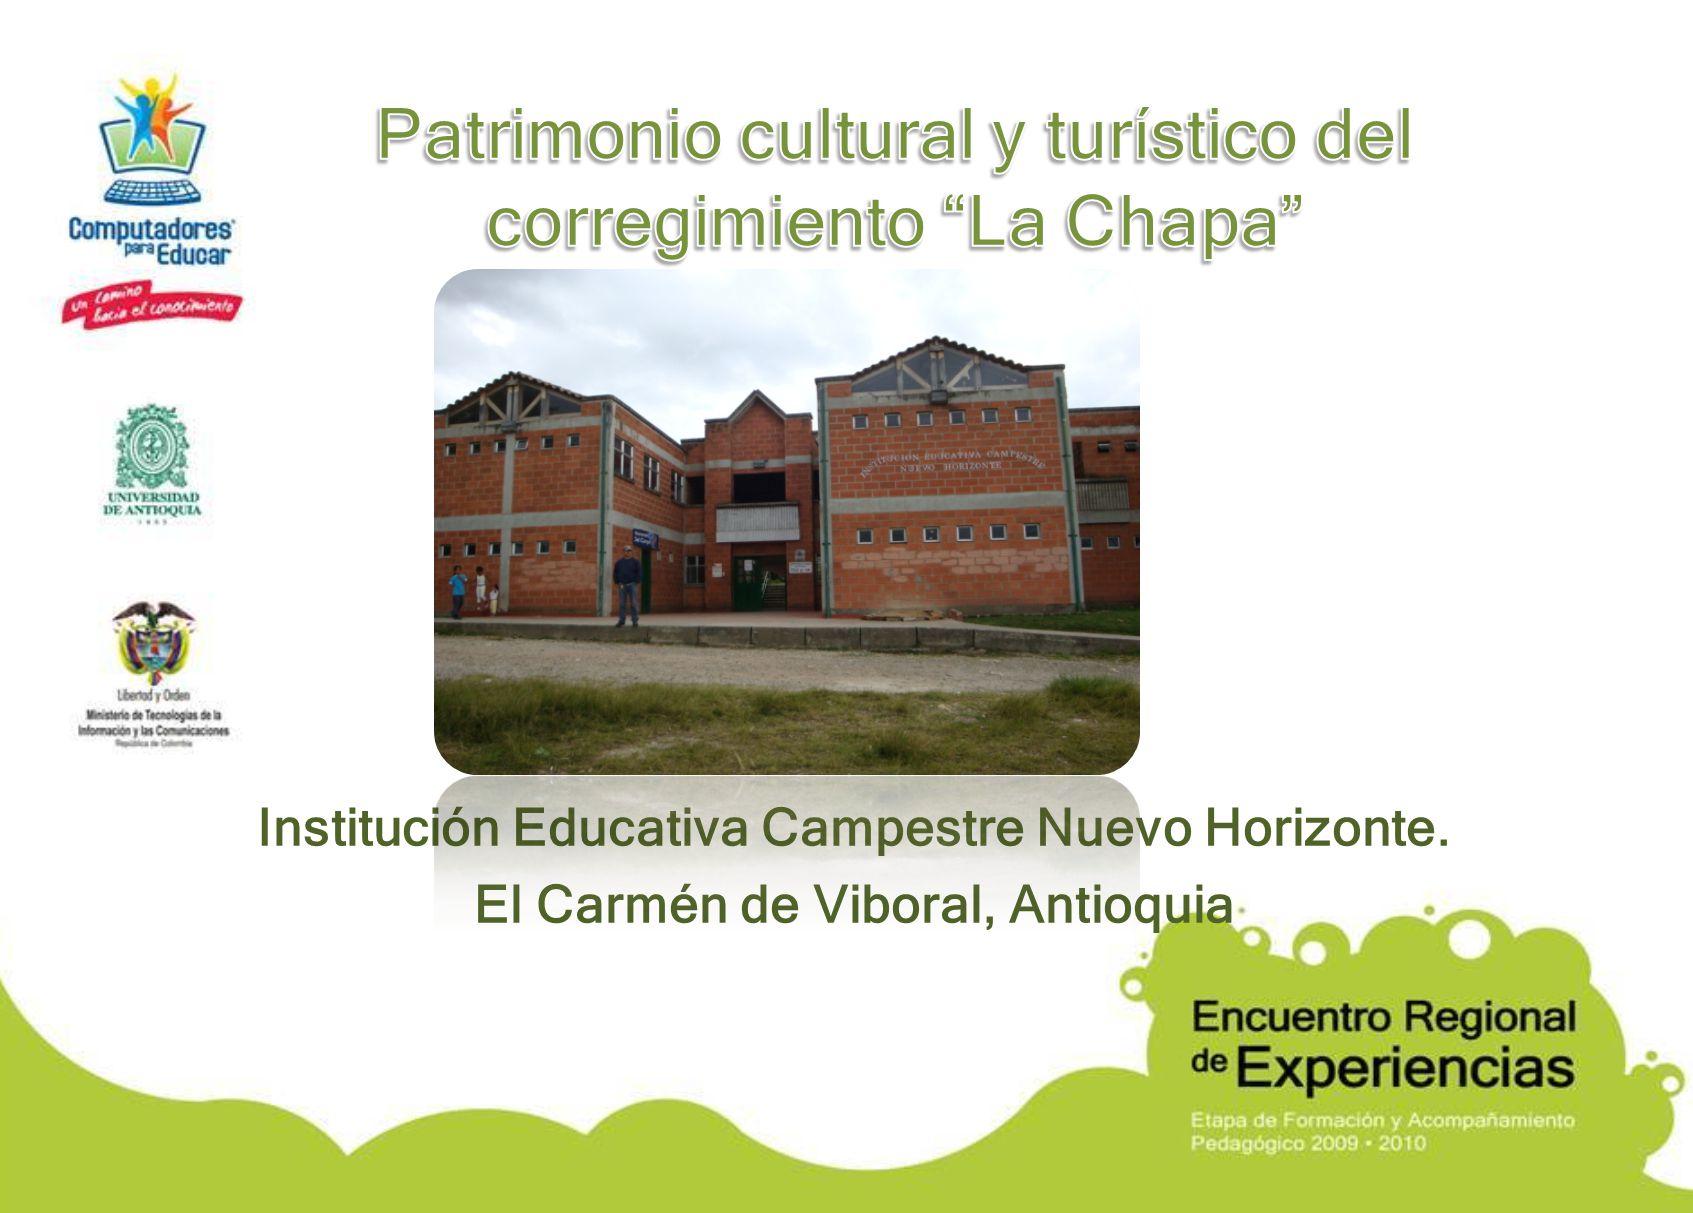 Institución Educativa Campestre Nuevo Horizonte. El Carmén de Viboral, Antioquia